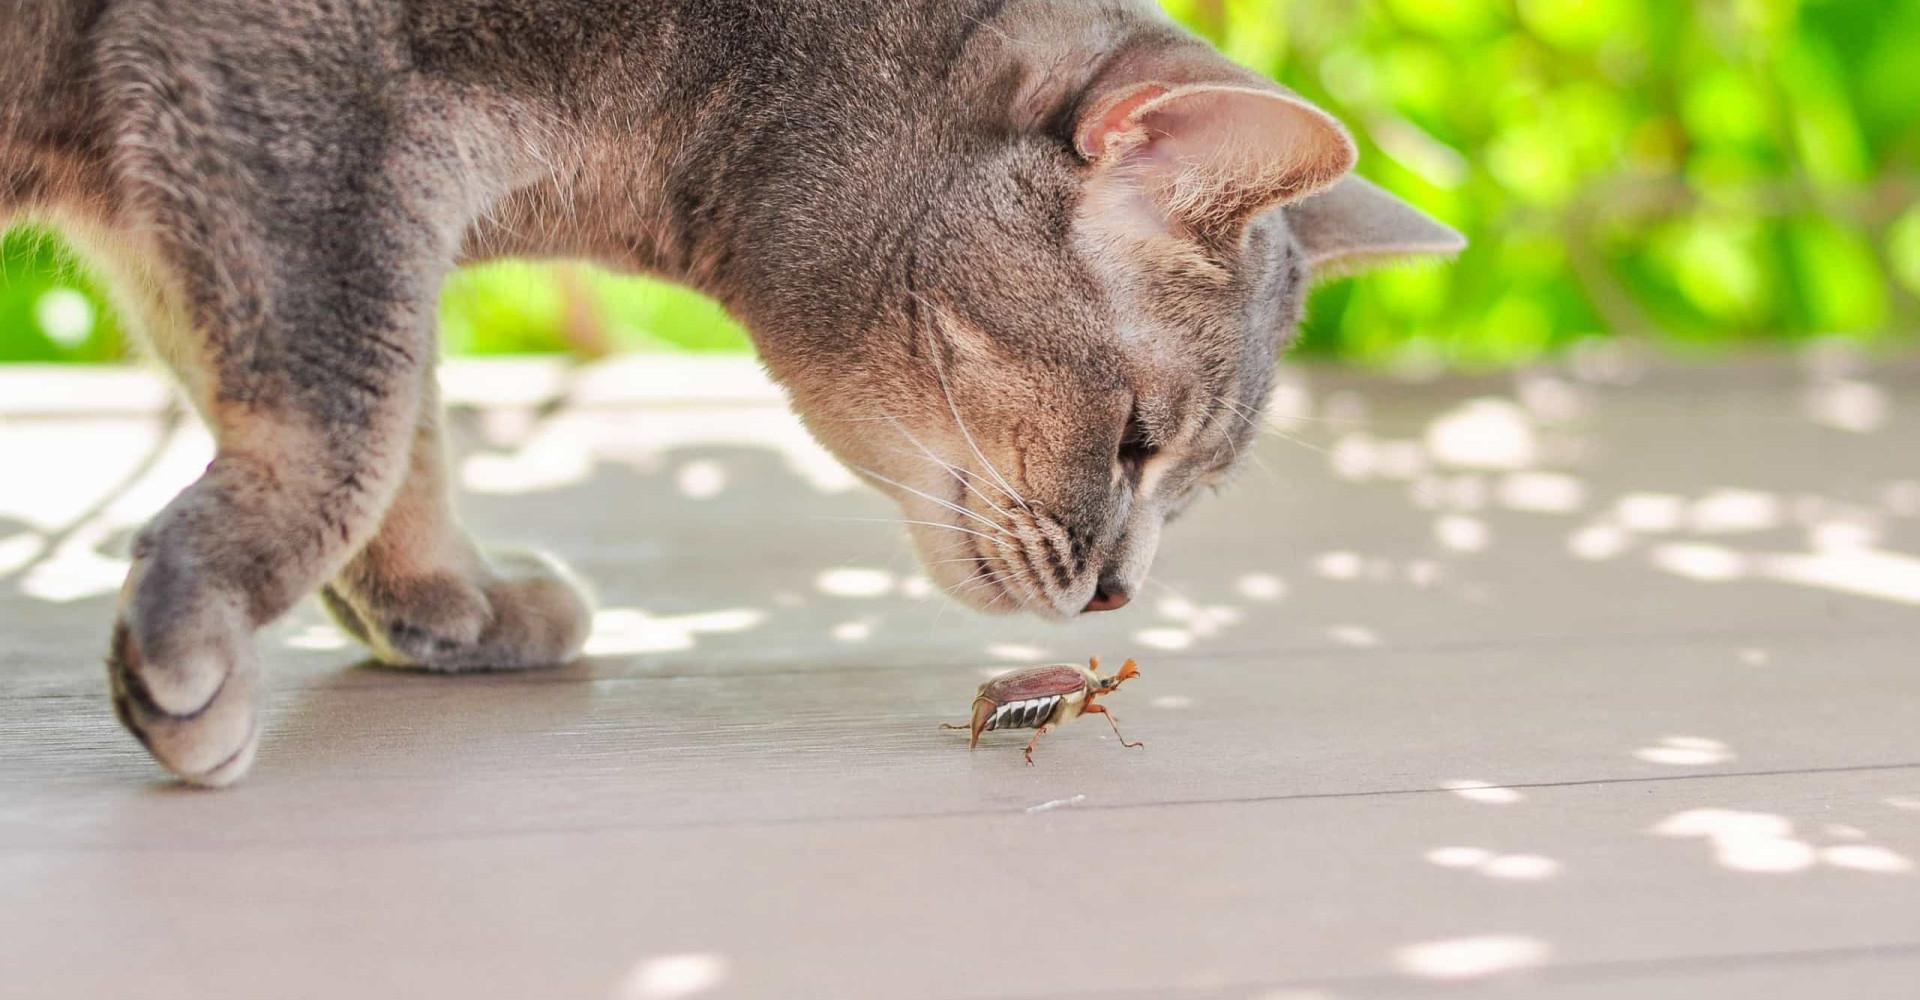 Eten onze huisdieren binnenkort vooral insecten?